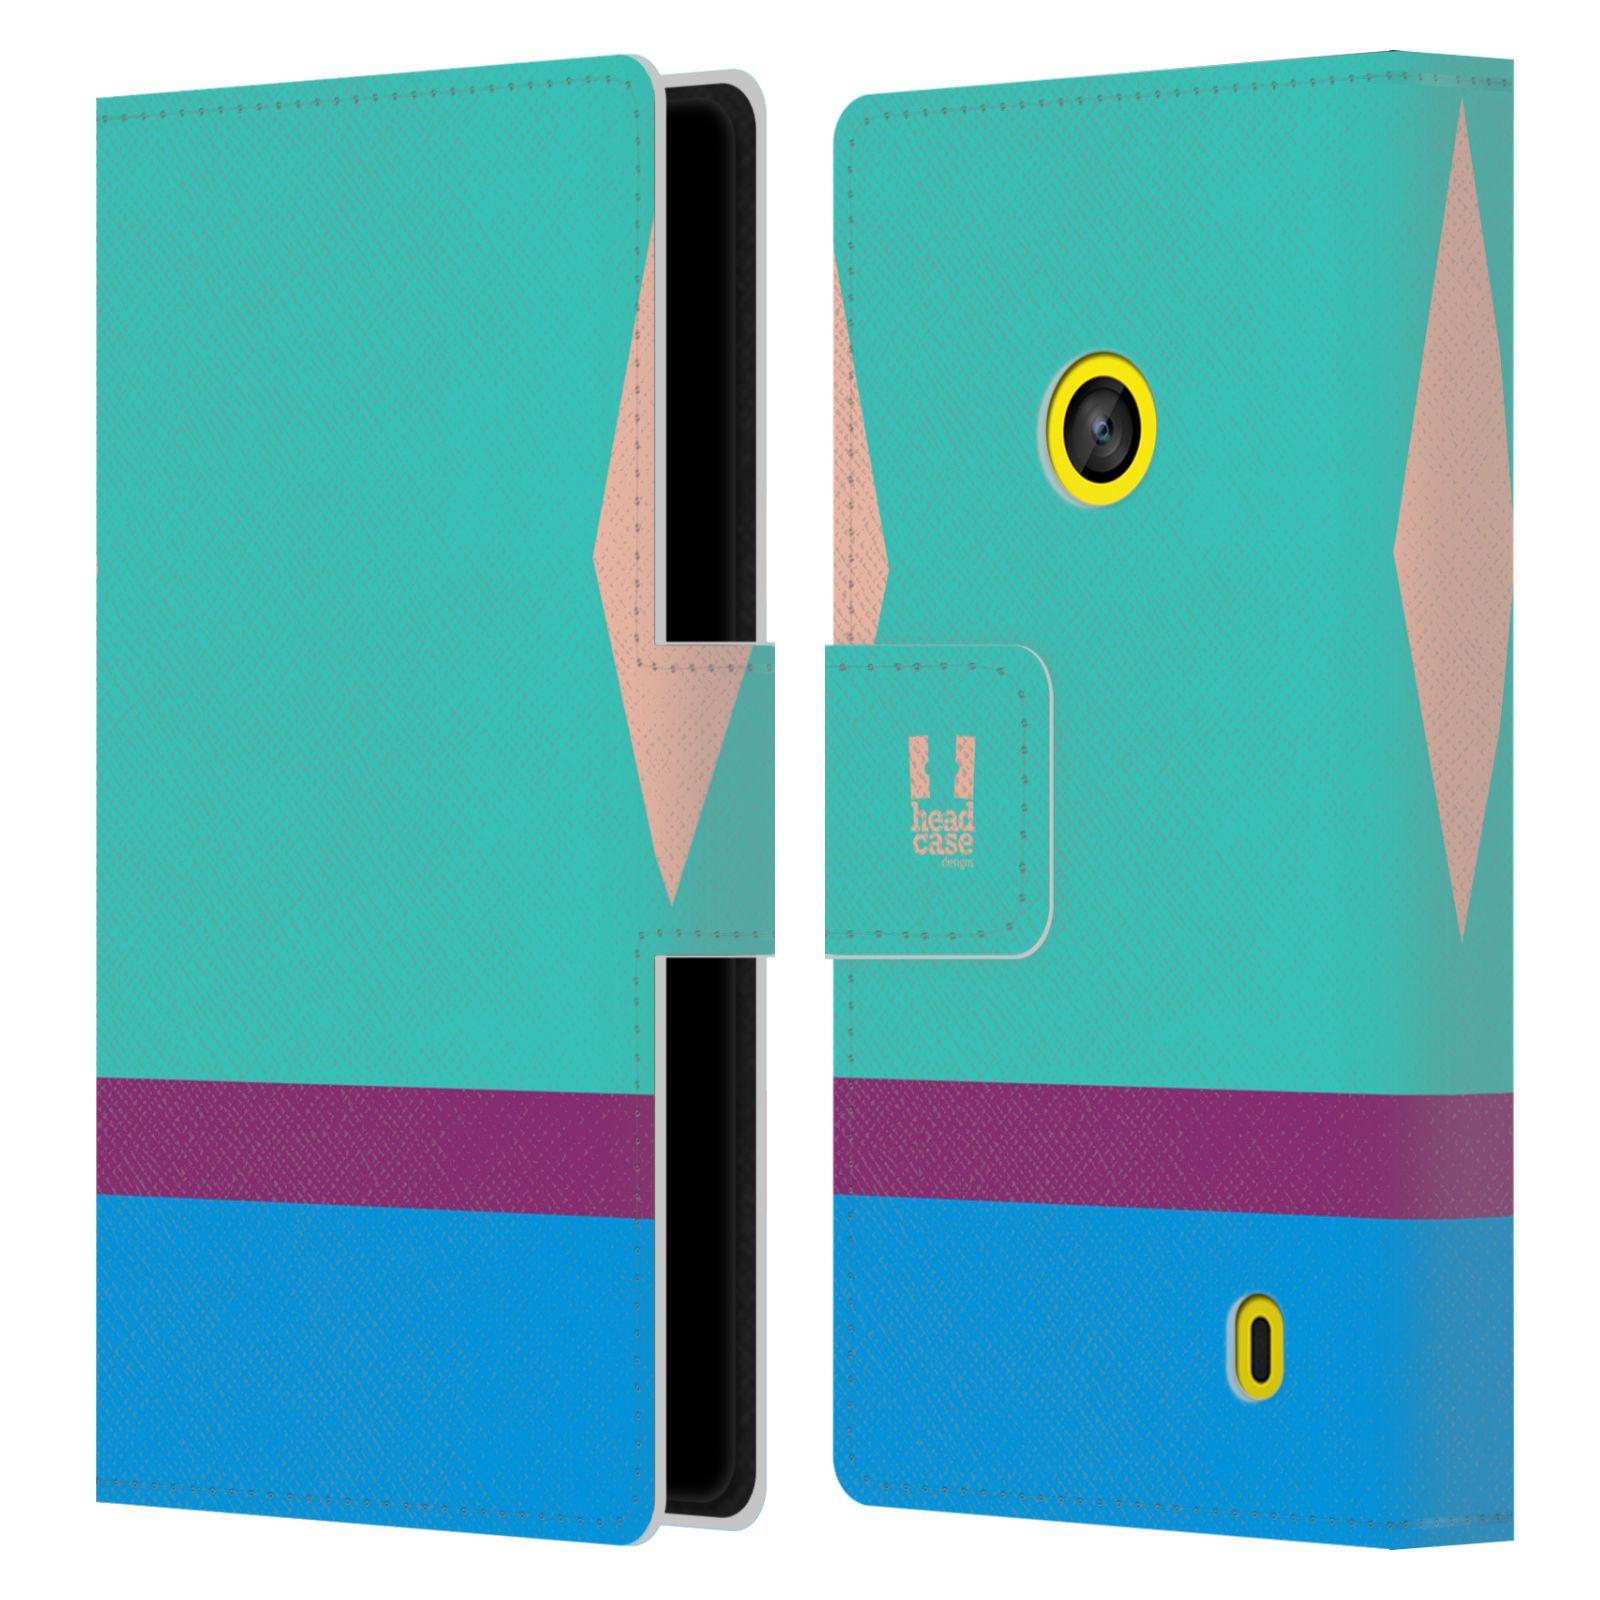 HEAD CASE Flipové pouzdro pro mobil Nokia LUMIA 520/525 barevné tvary modrá a fialový pruh